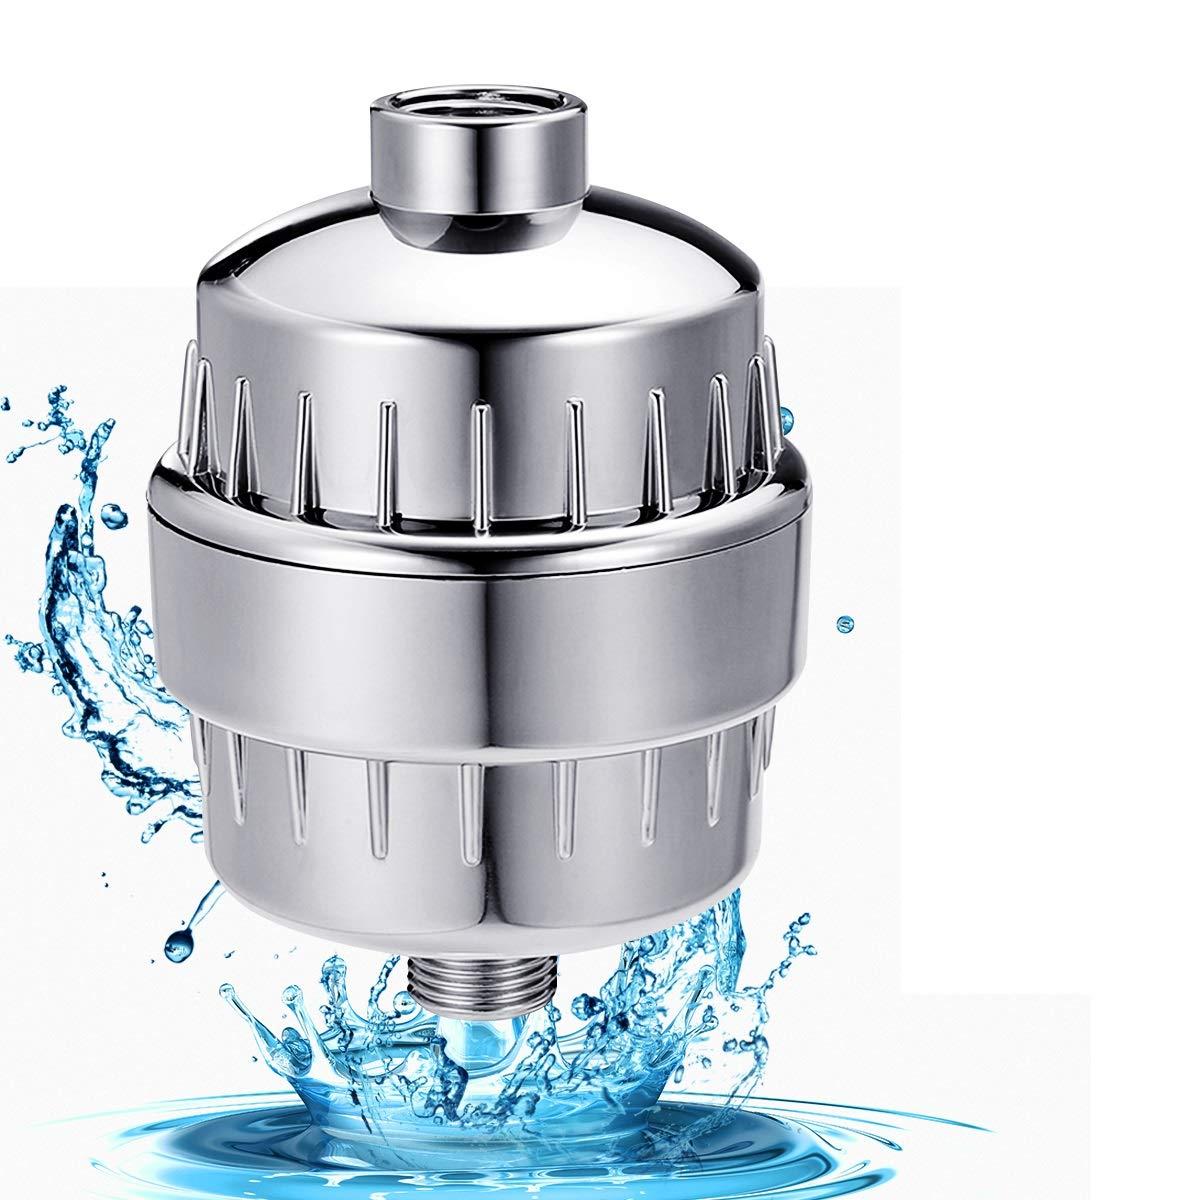 Filtri doccia TAPCET depuratore da 10 livelli con un depuratore di acqua del bagno con certificazione CE Quriccloy_IT